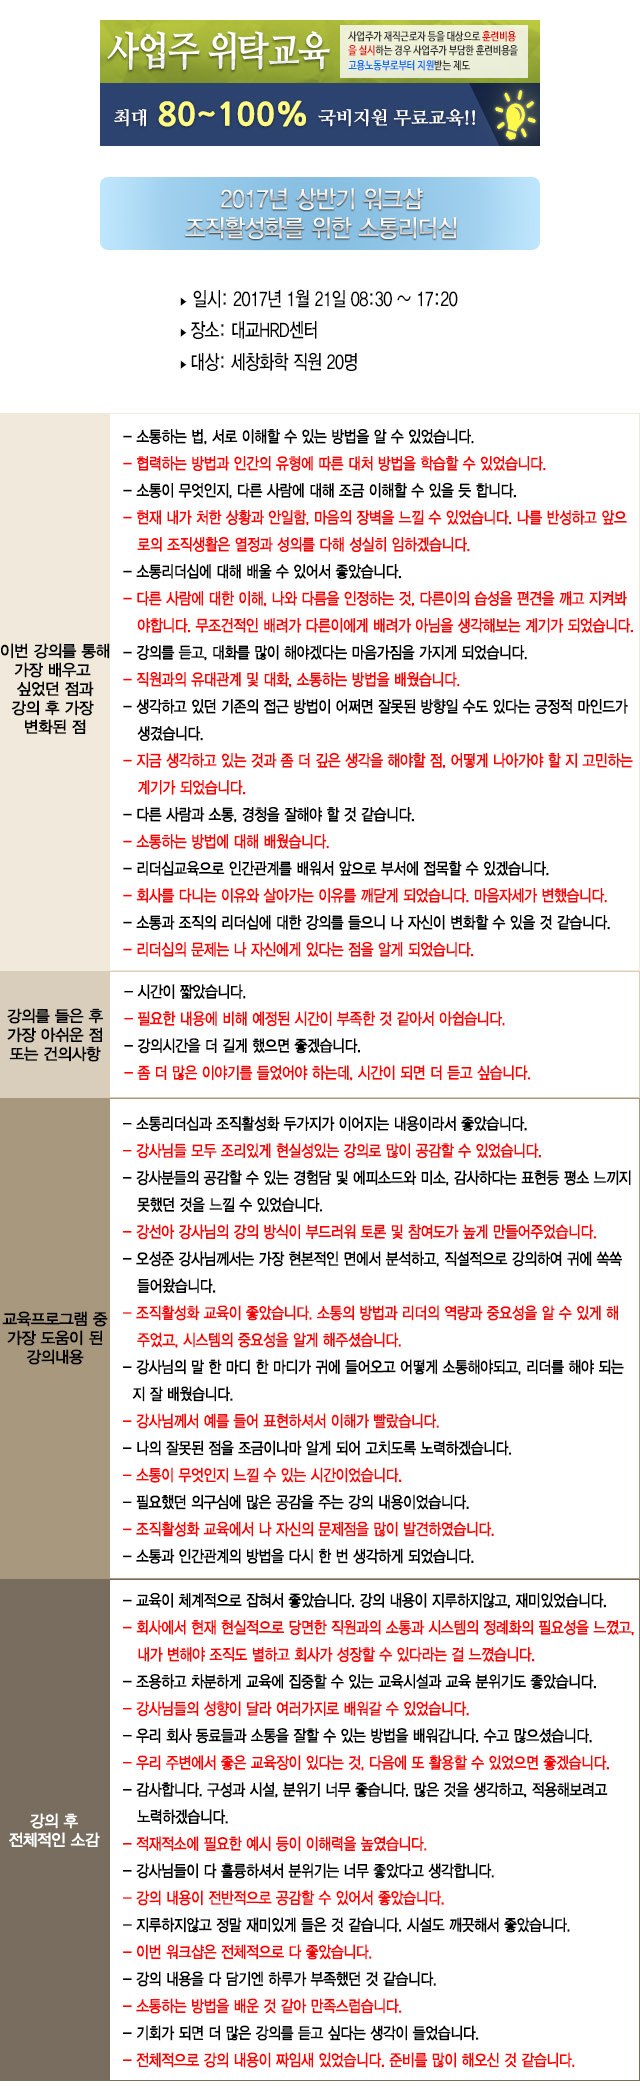 한국중앙인재개발원 후기 세창화학.jpg